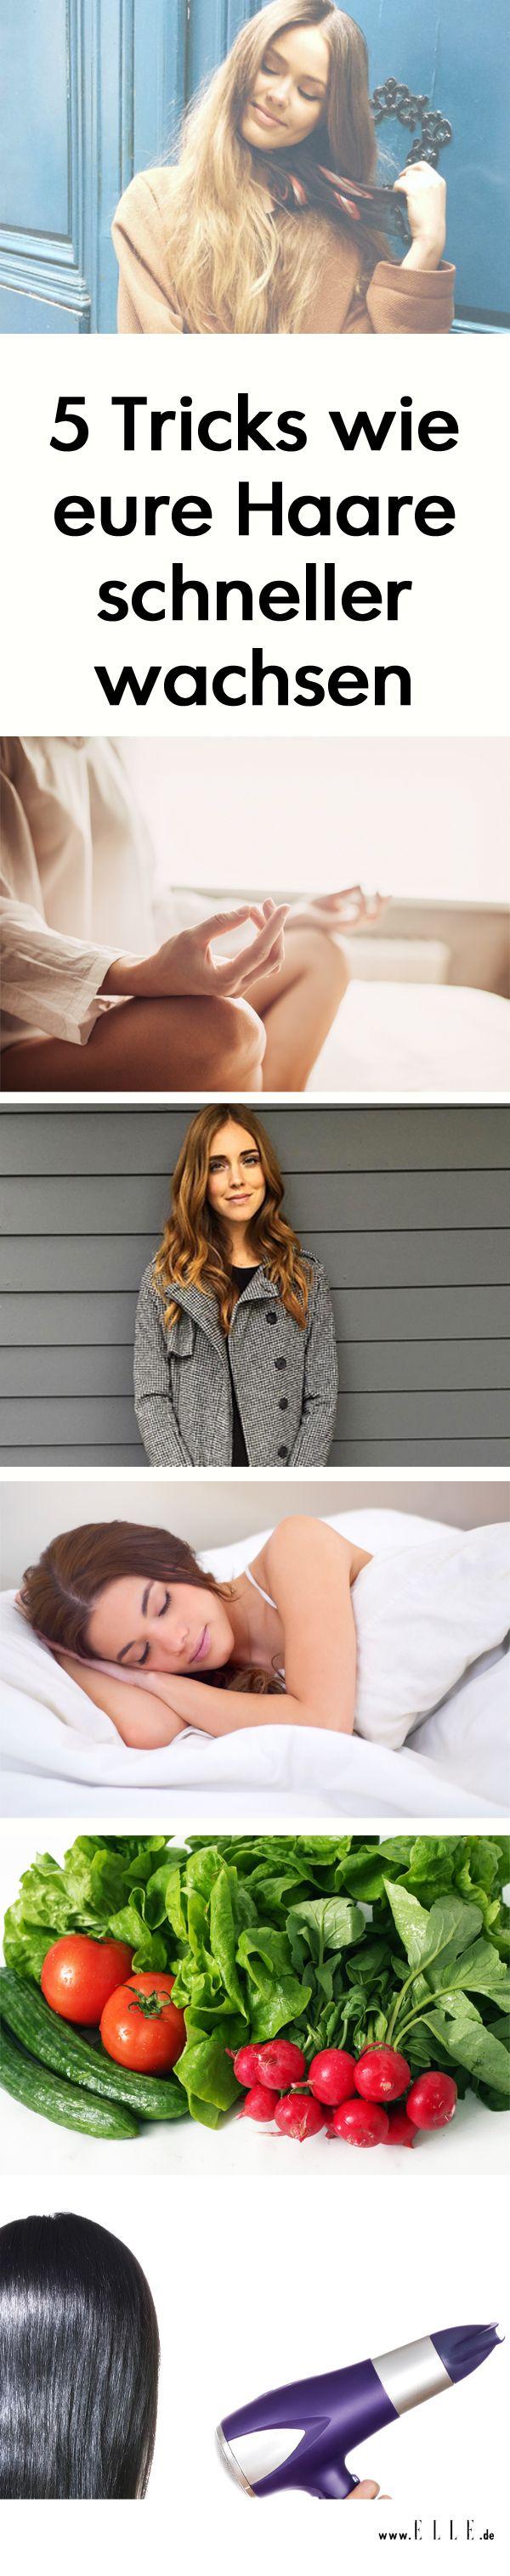 Lange Haare: 5 Gründe, warum eure Haare nicht länger werden (und was man dagegen tun kann)